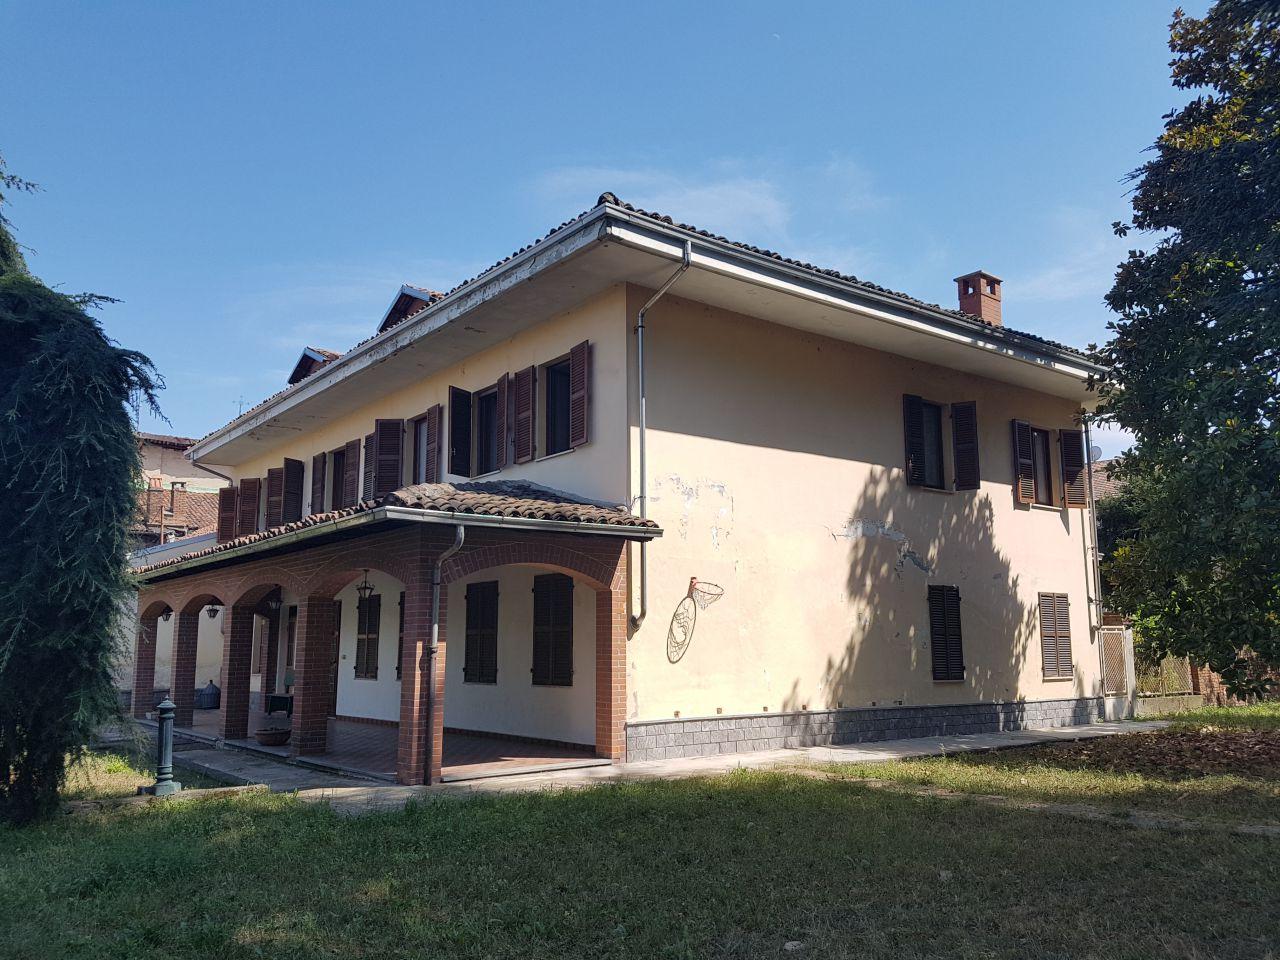 Soluzione Indipendente in vendita a Brusasco, 11 locali, prezzo € 270.000 | CambioCasa.it